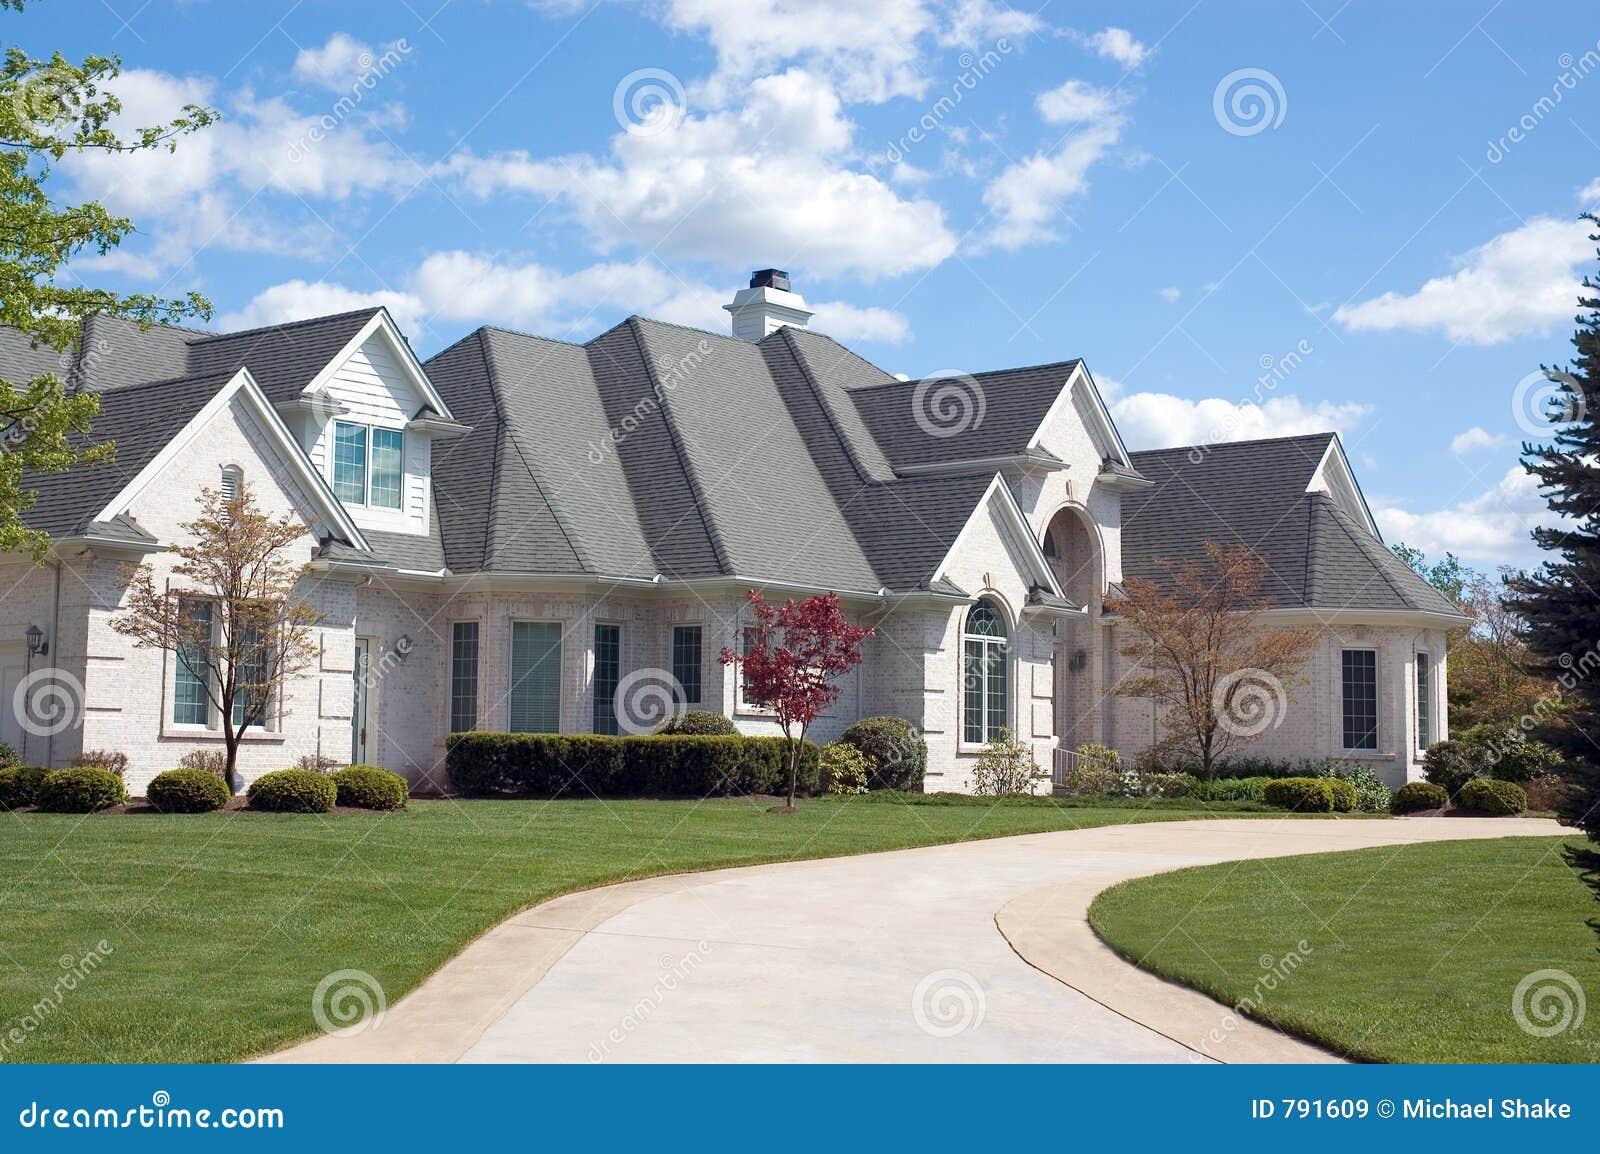 Maison neuve 116 images libres de droits image 791609 - Photo maison neuve ...